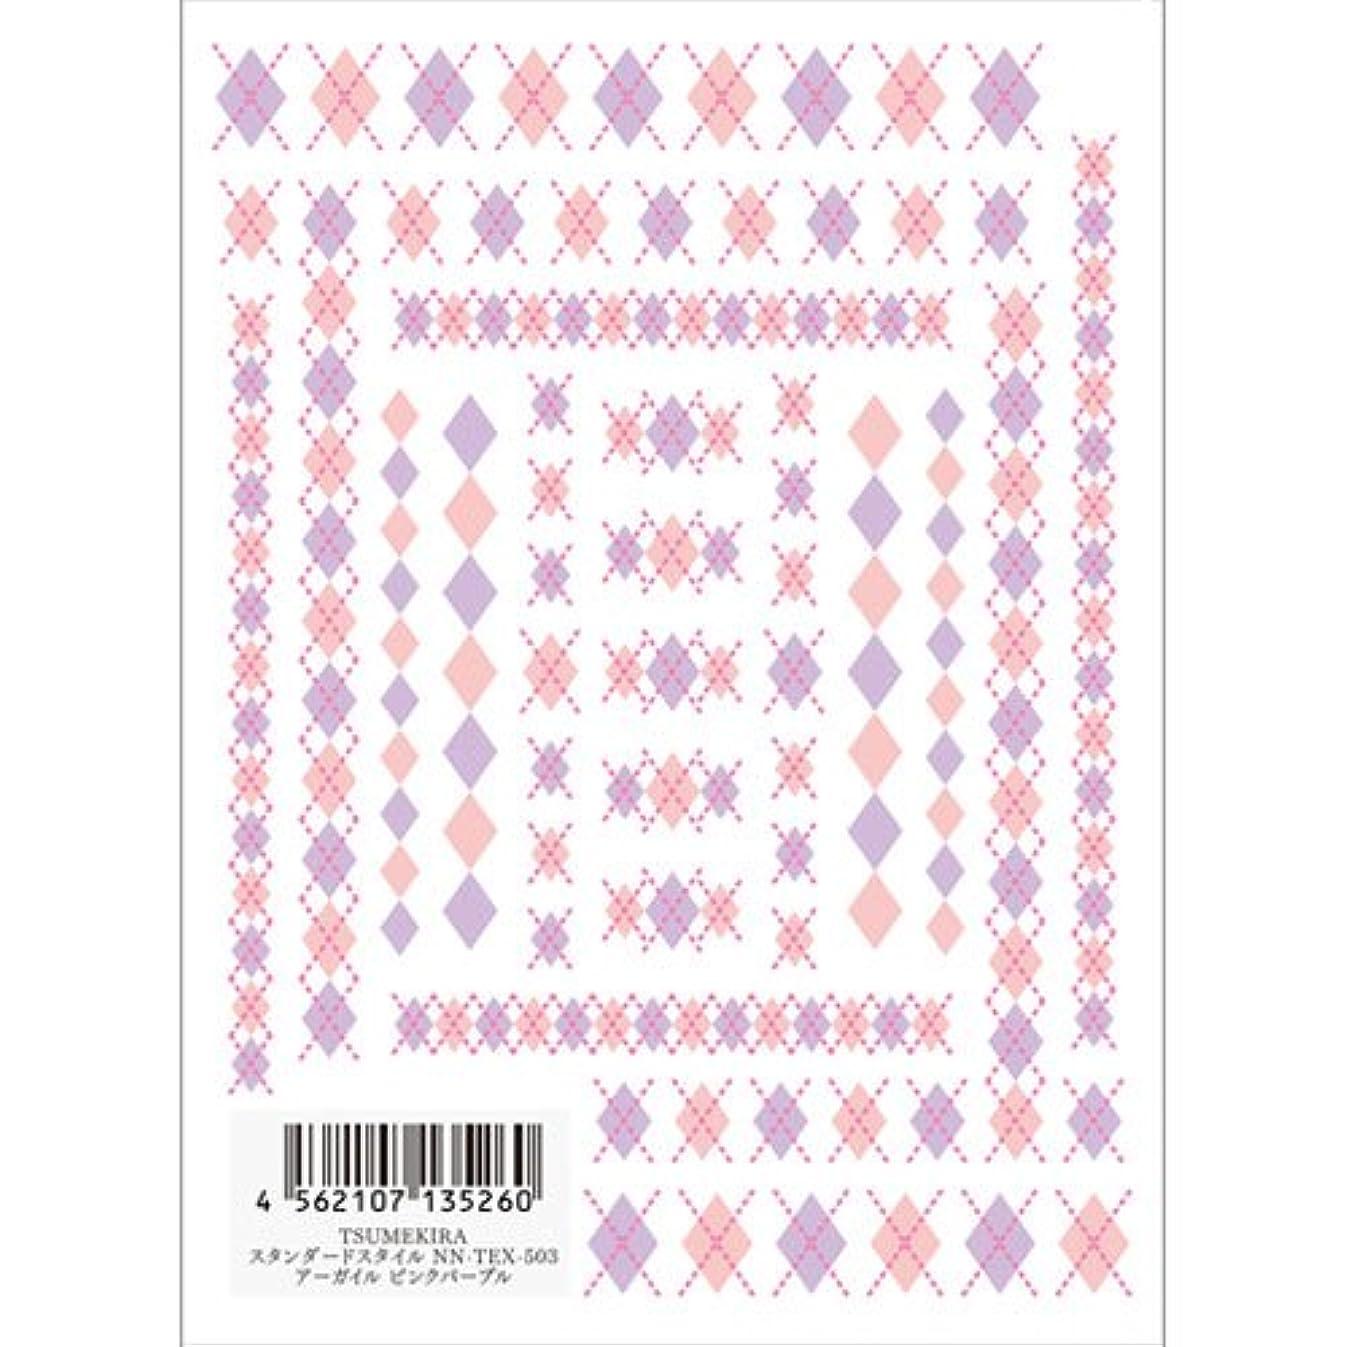 ツメキラ ネイル用シール スタンダードスタイル アーガイル ピンクパープル